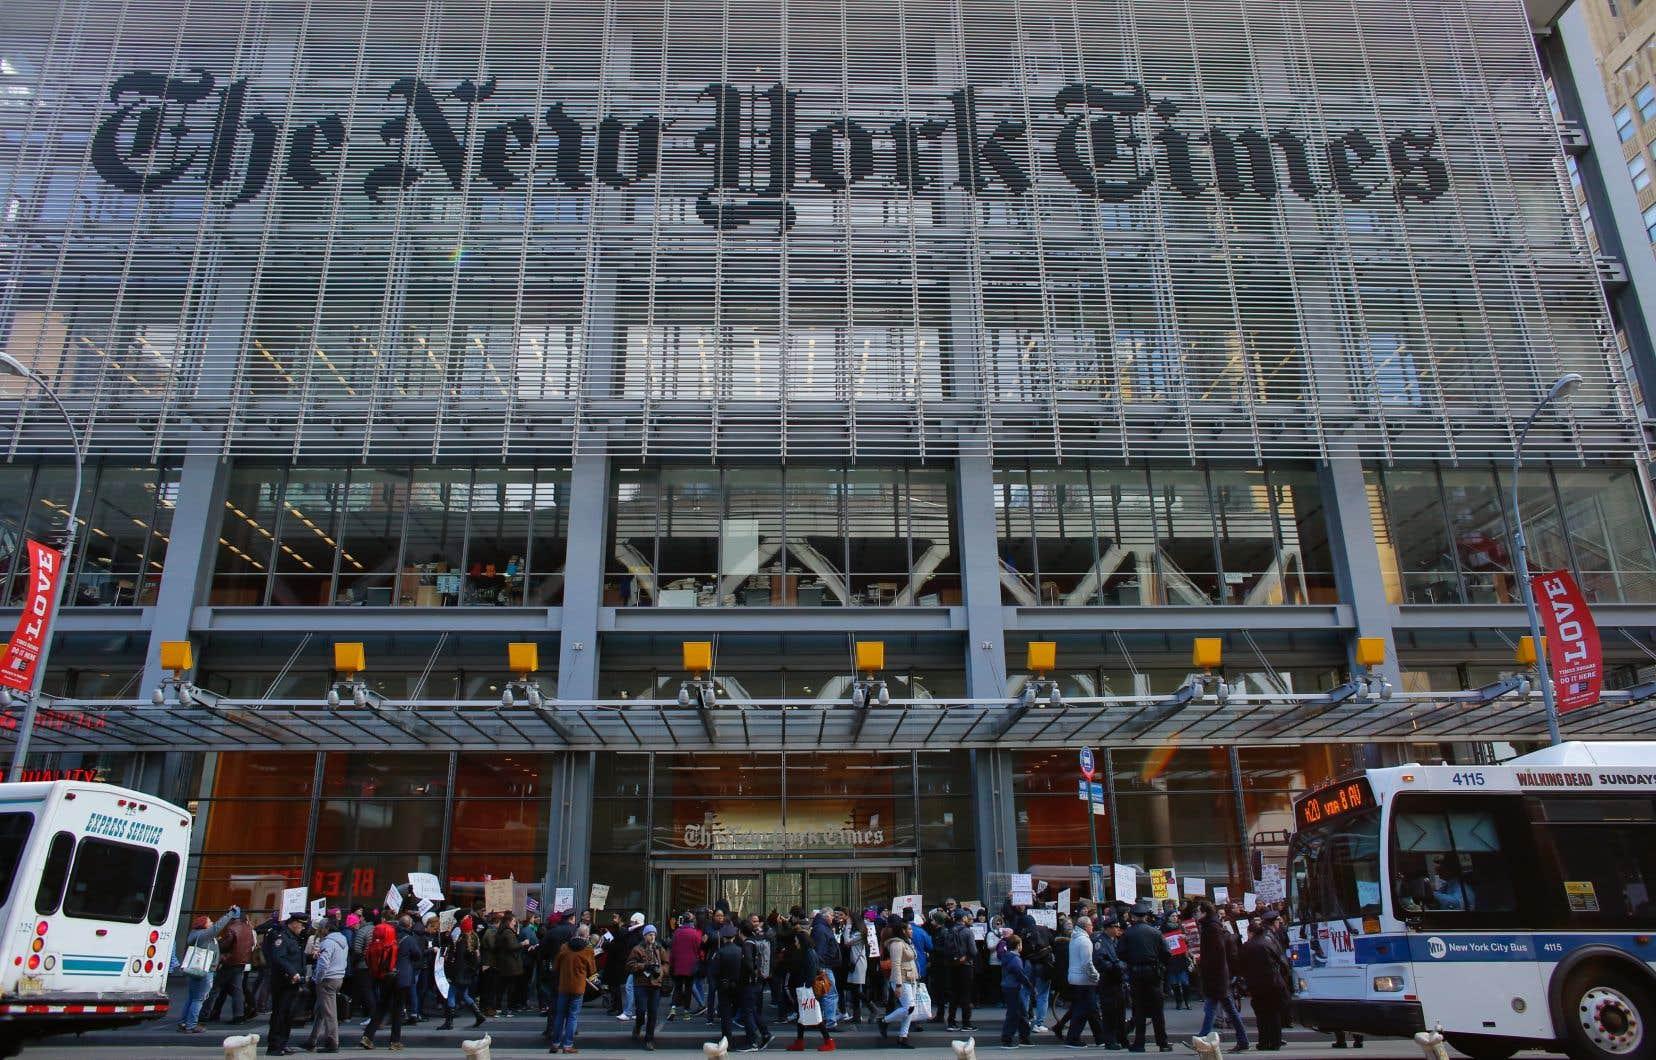 Depuis la fin 2016, après la campagne présidentielle américaine, une période faste pour le titre, le <em>New York Times</em> a gagné environ un million d'abonnés.